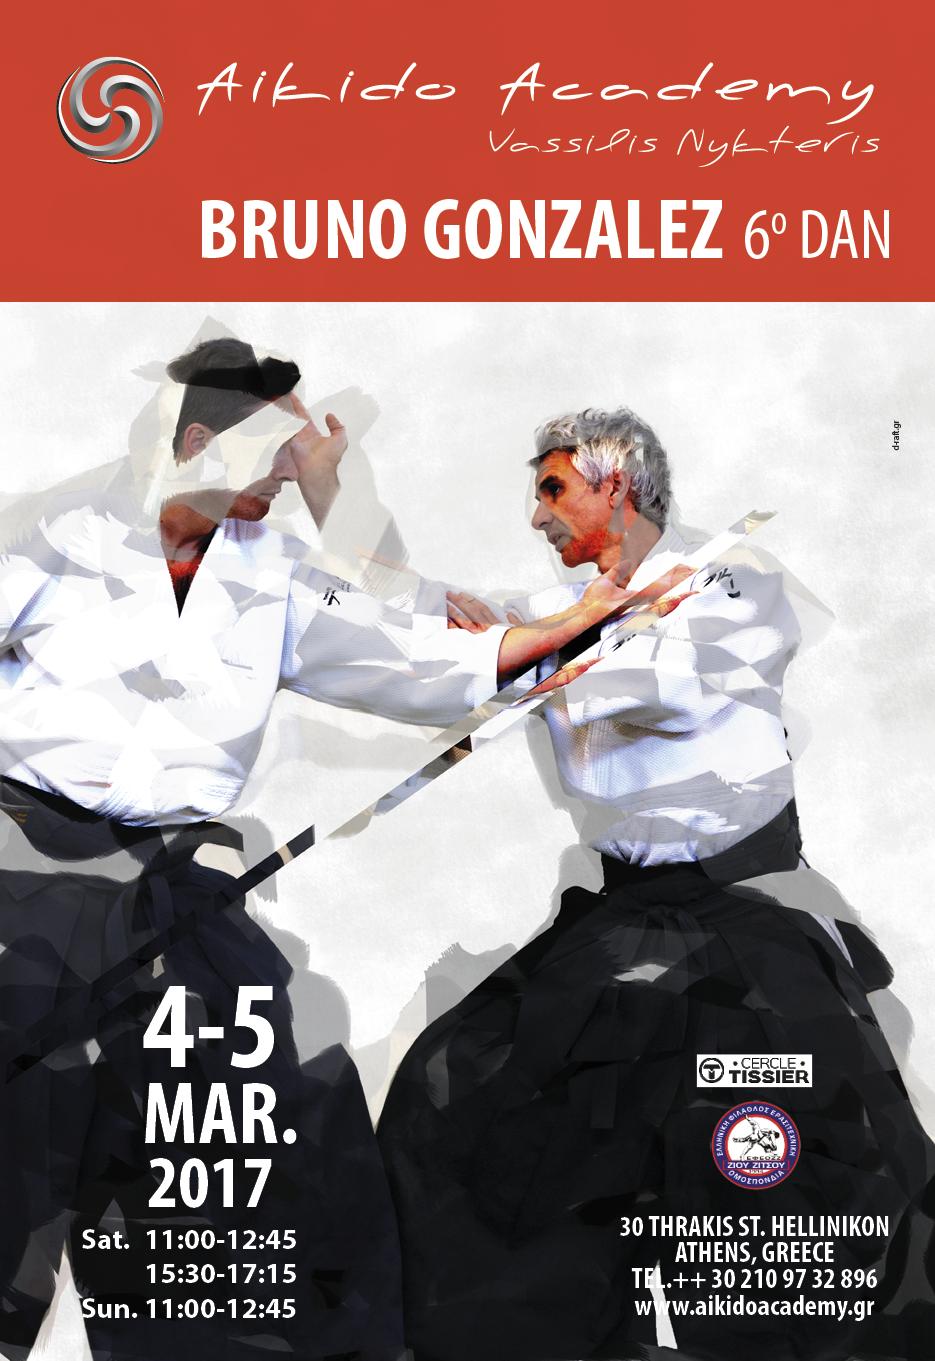 Σεμινάριο Αϊκίντο με τον Bruno Gonzalez 6. Dan